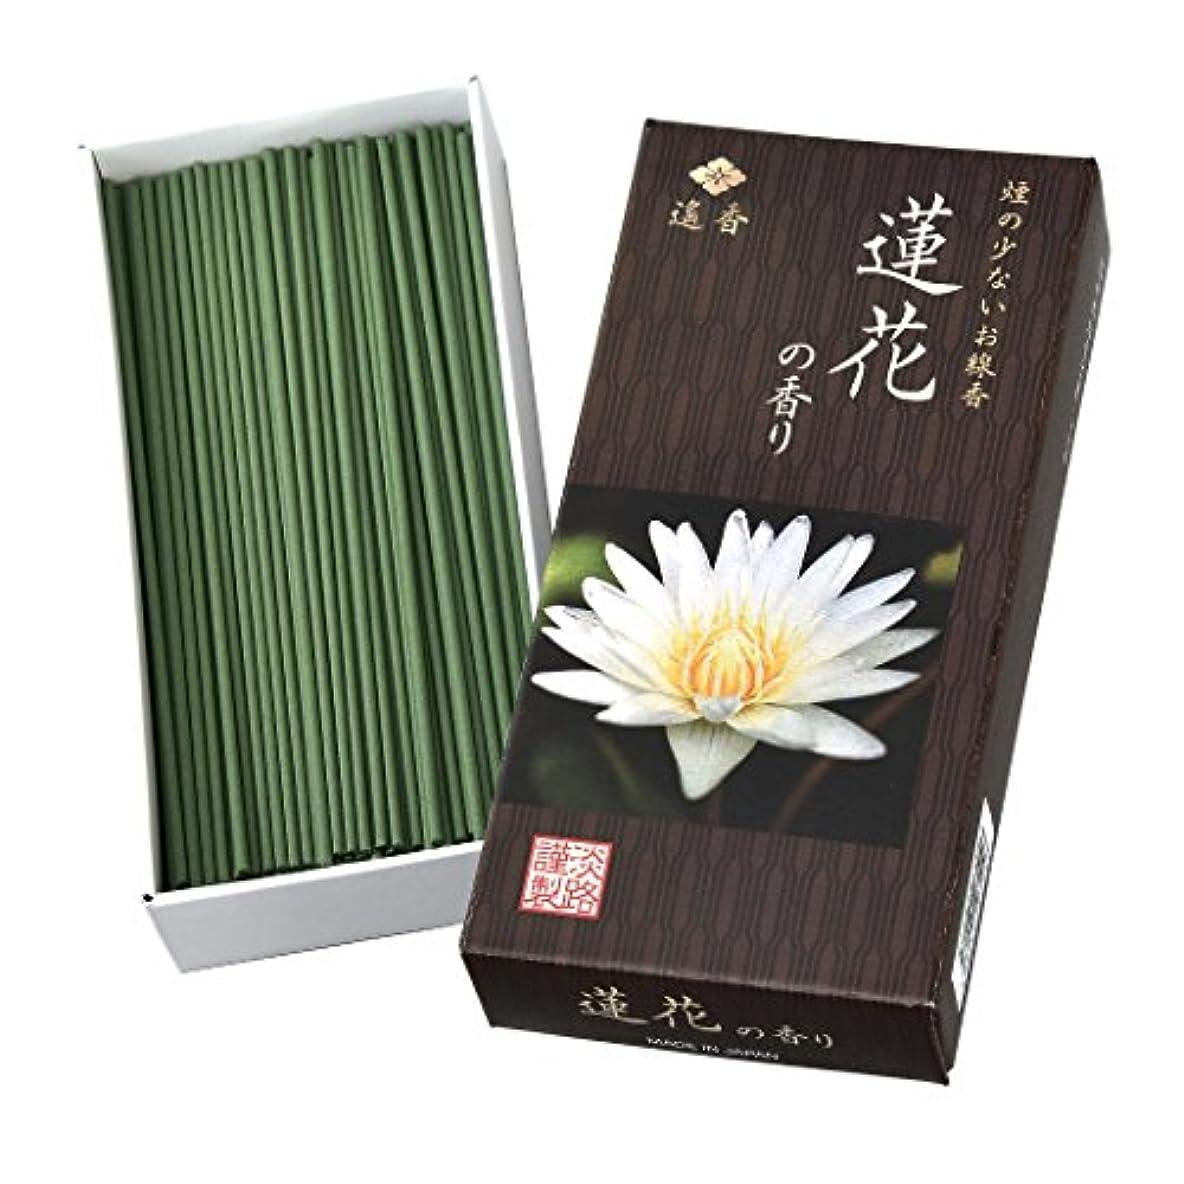 鋭く里親たるみ遙香 蓮花の香り 3個セット